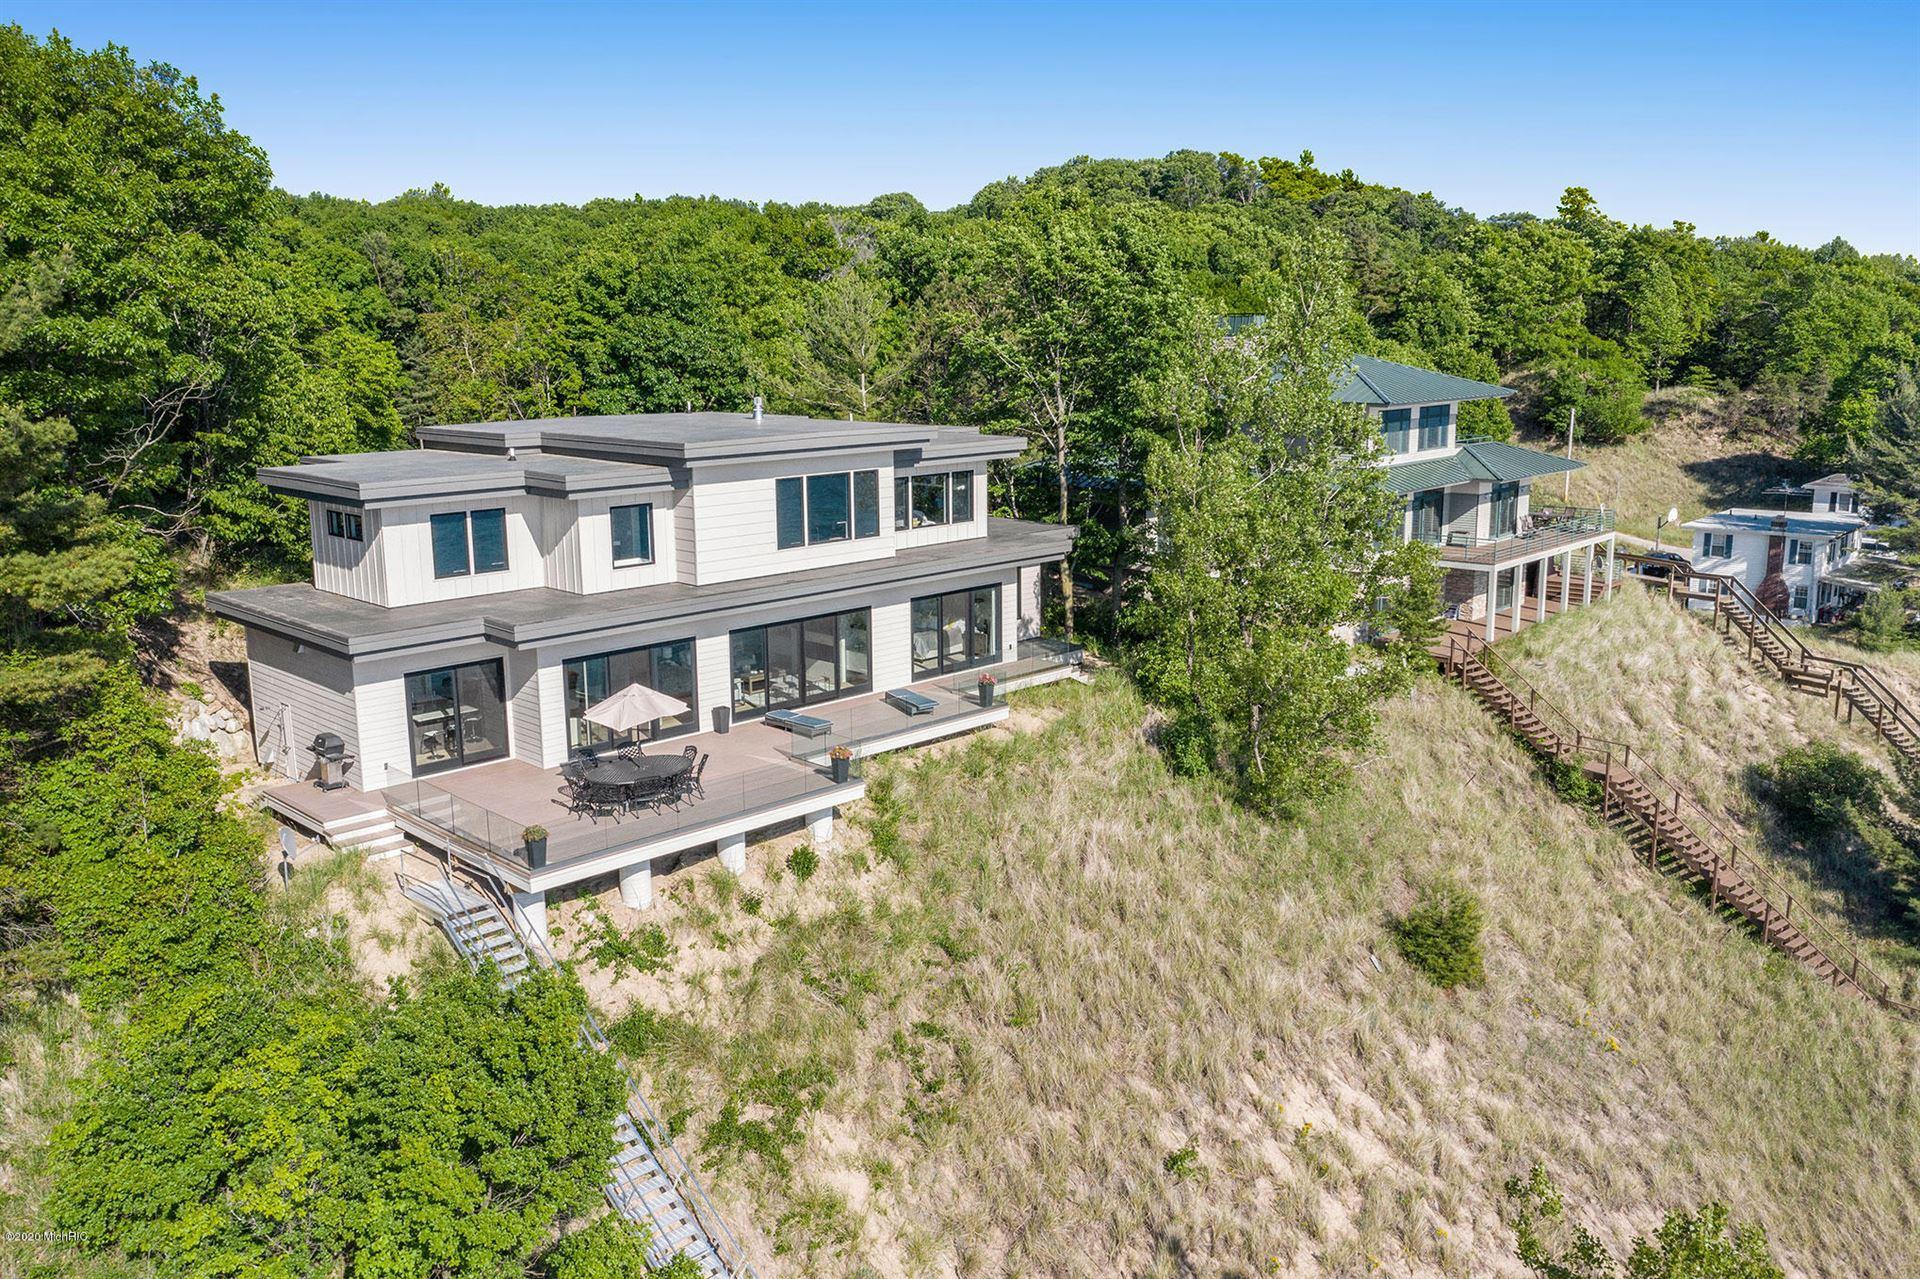 Photo of 17583 N Shore Estates Road, Spring Lake, MI 49456 (MLS # 20002987)